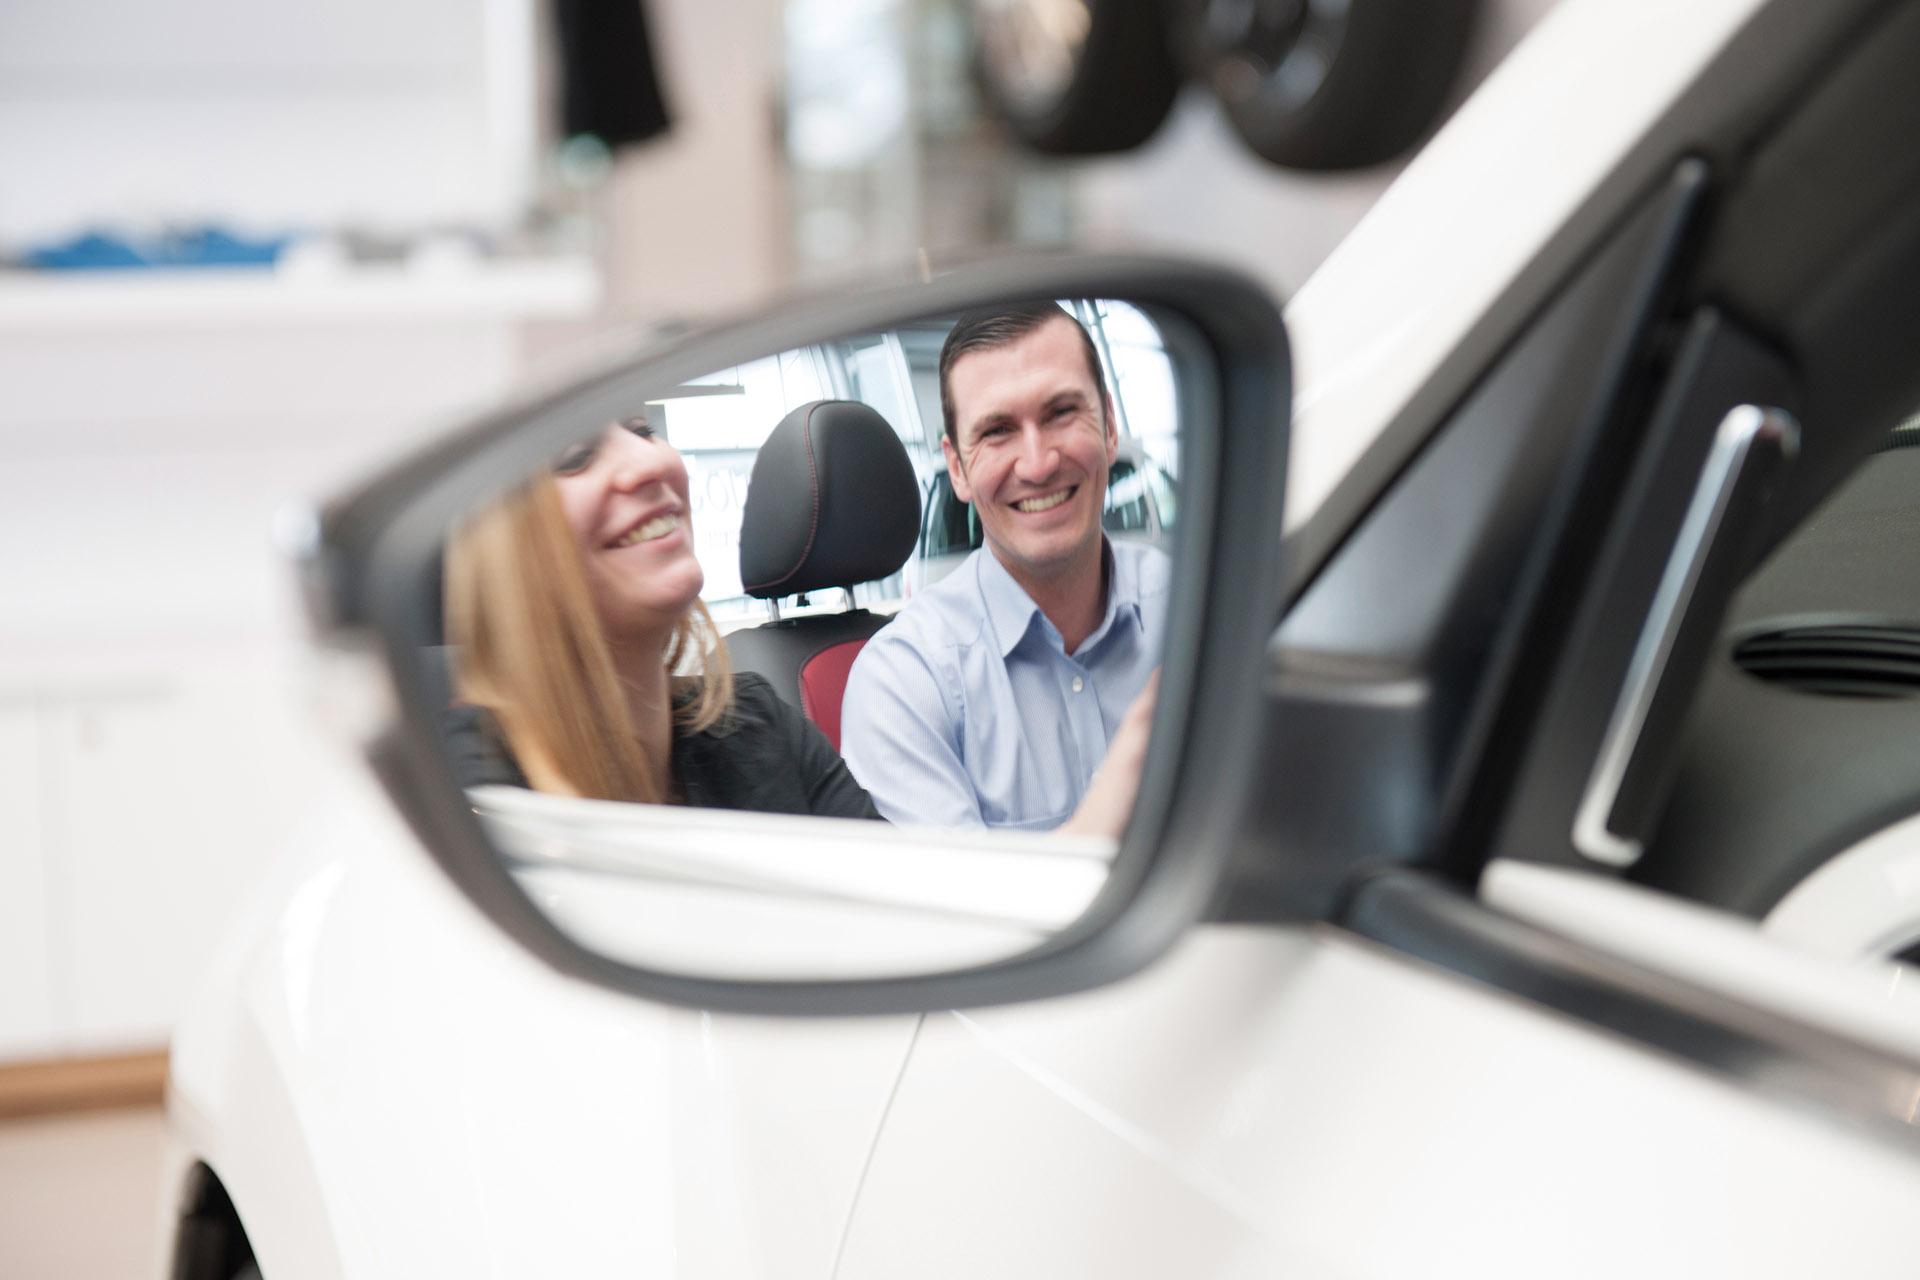 Mitarbeiter erklärt Kundin Auto, Blick über Rückspiegel. Feigfotodesign